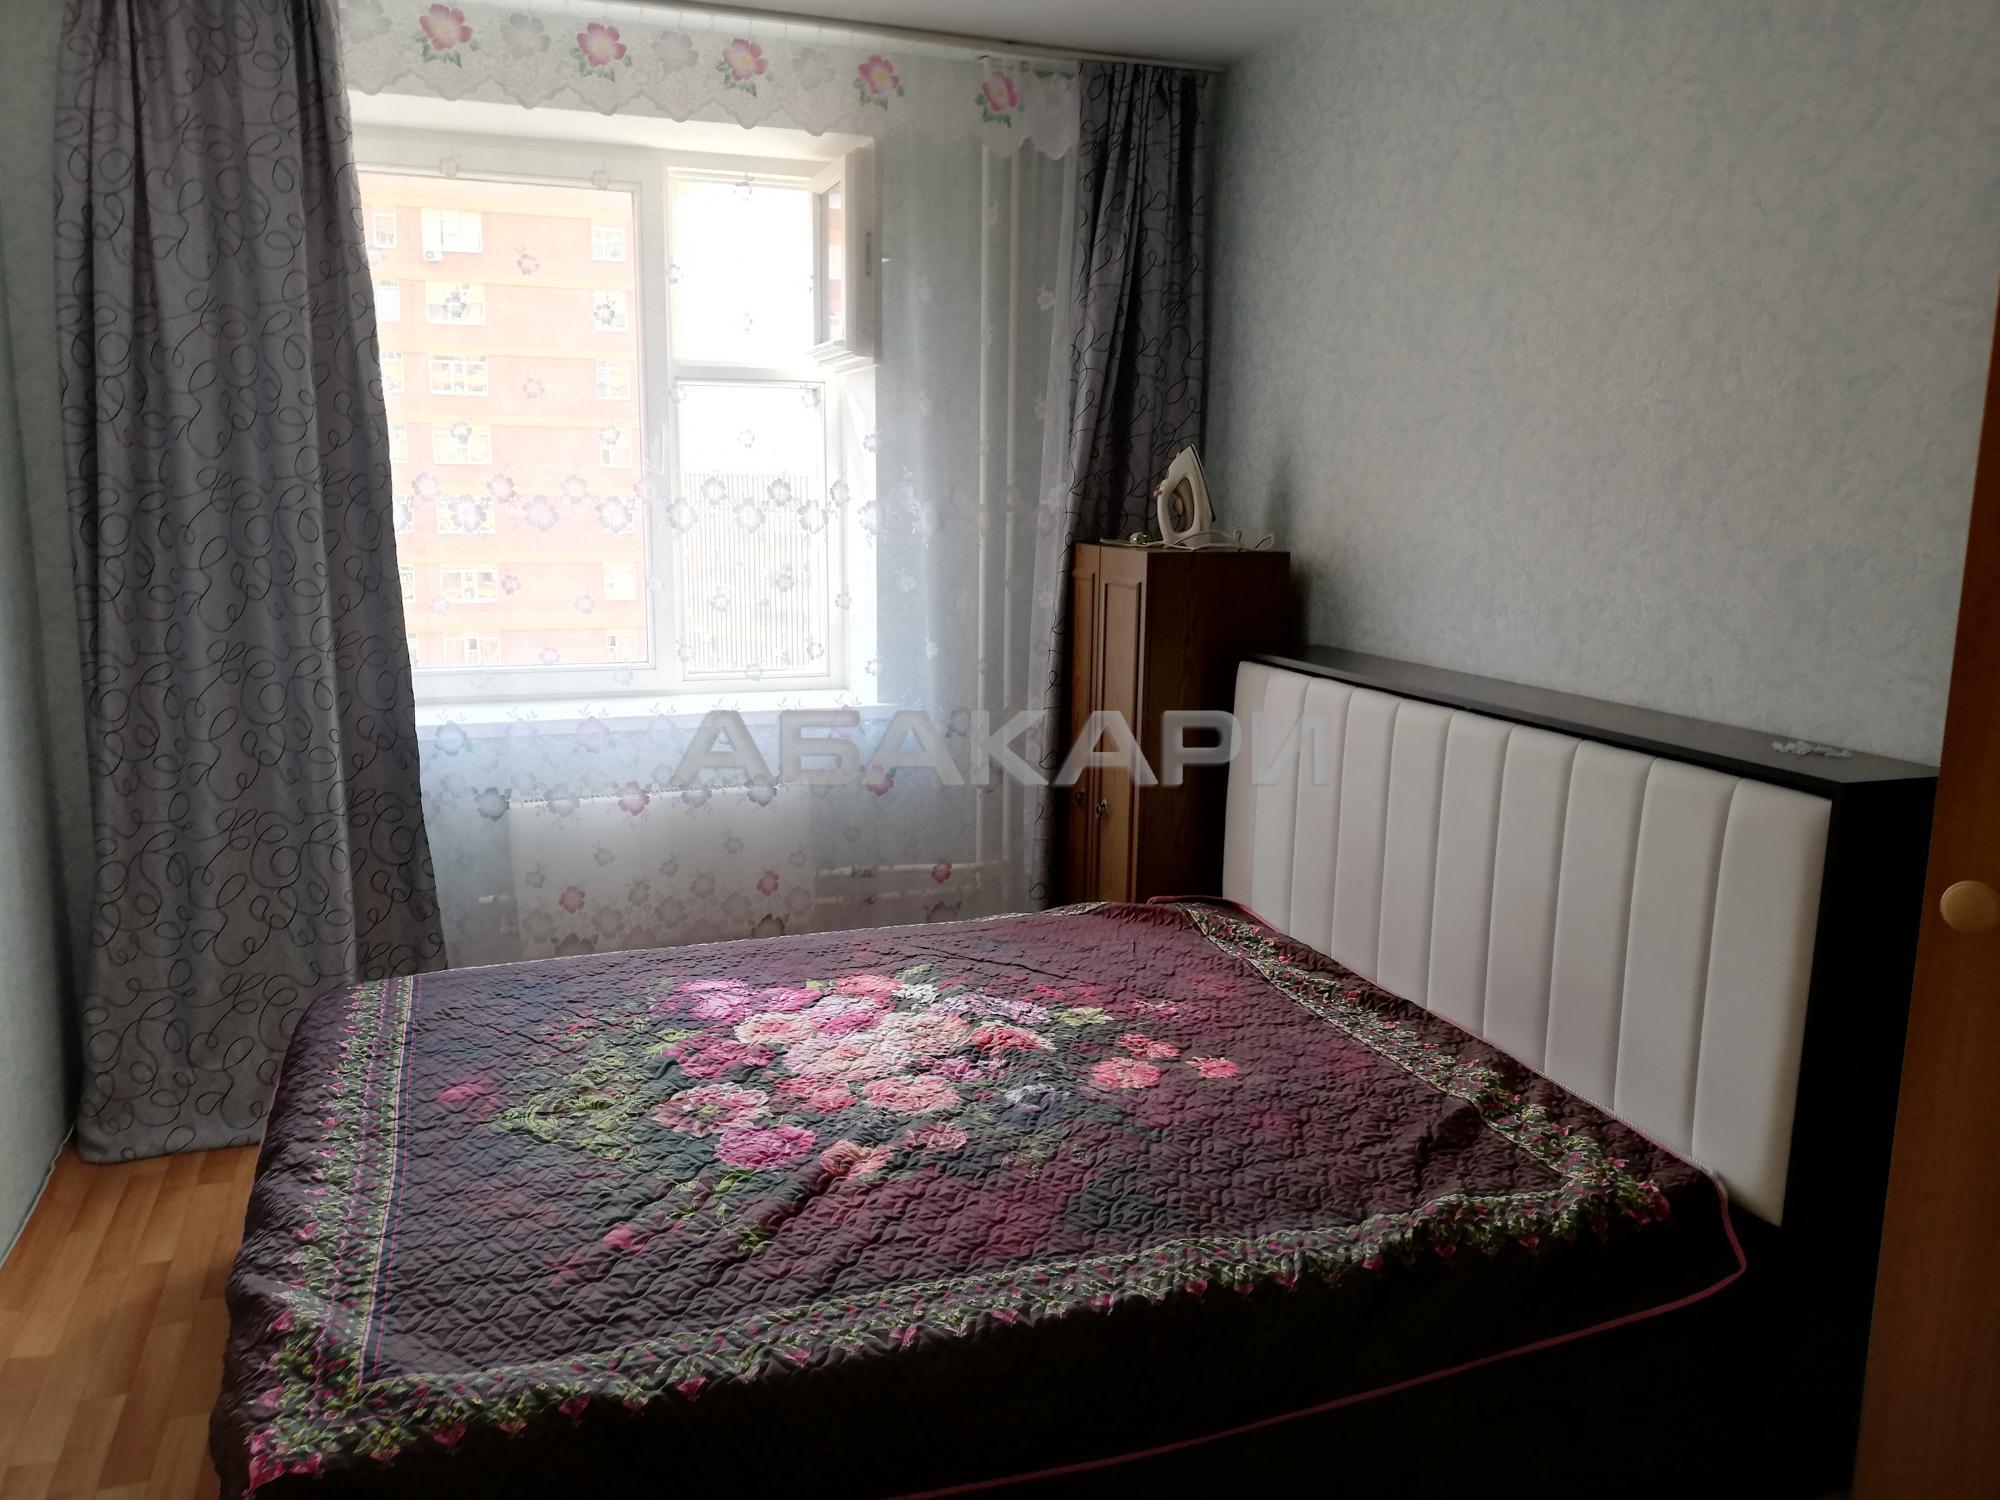 2к квартира Соколовская улица, 76А | 16000 | аренда в Красноярске фото 3